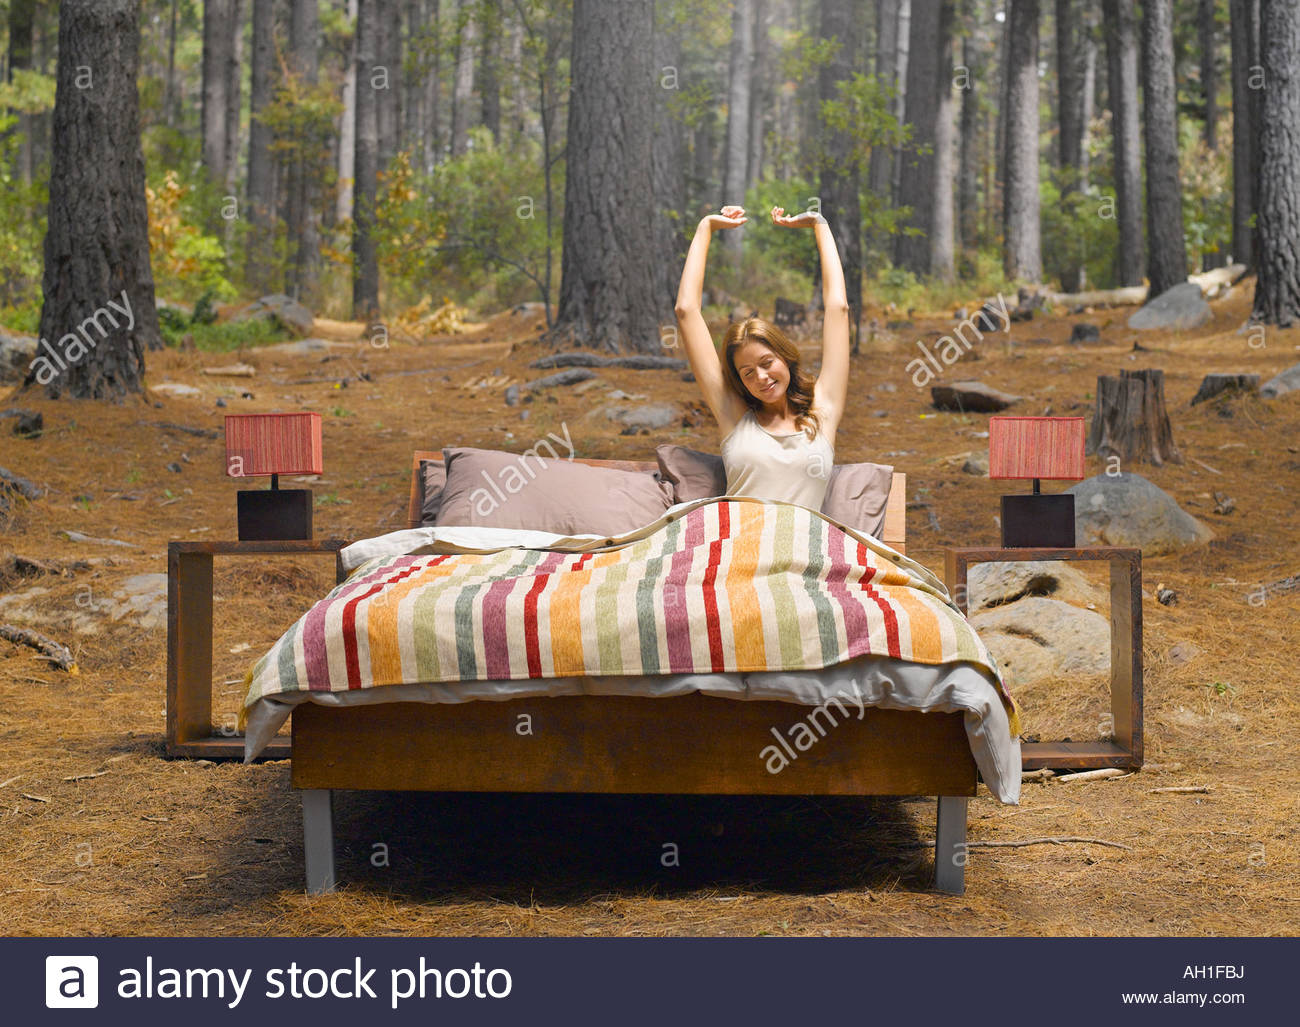 Une femme qui s'étend dans un lit en plein air dans les bois Photo Stock